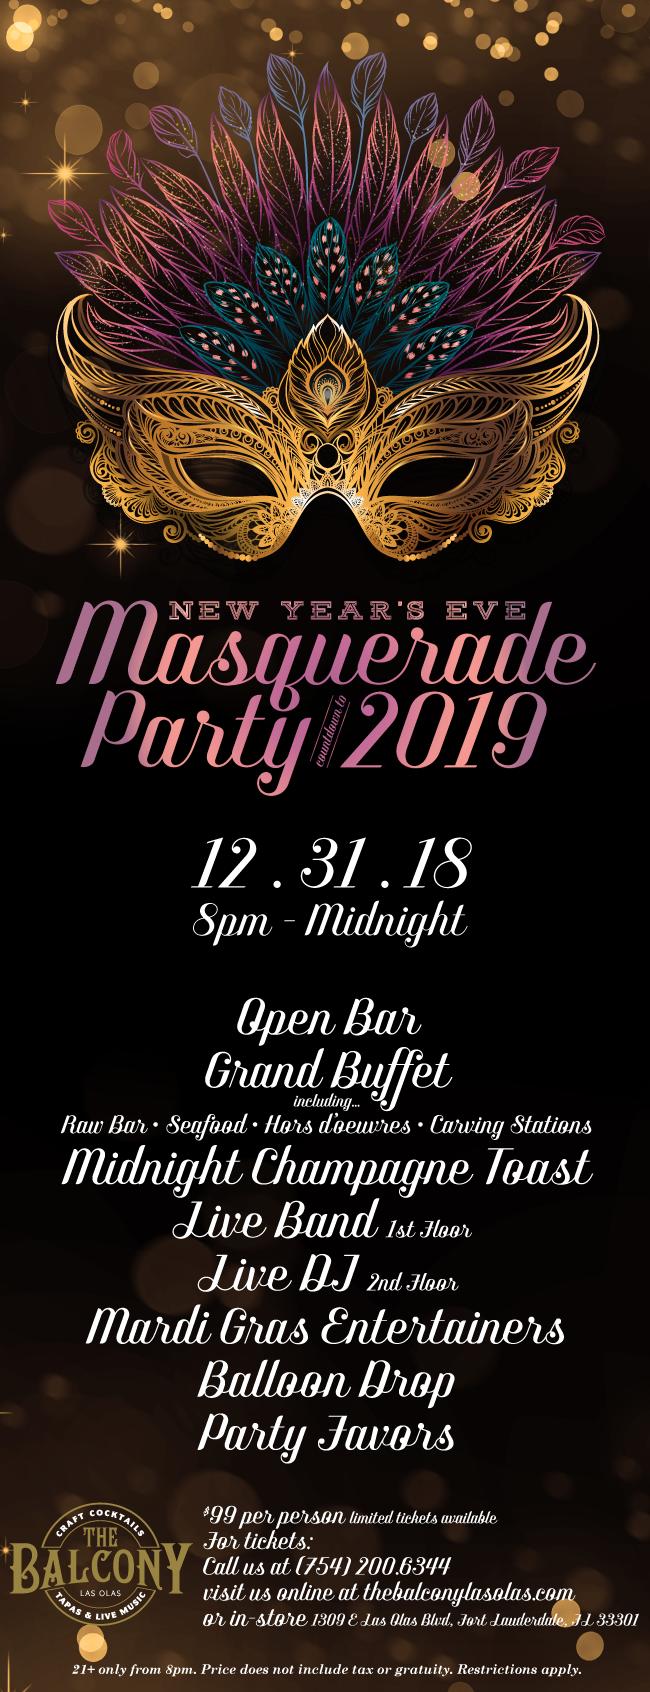 The Balcony NYE Masquerade Party